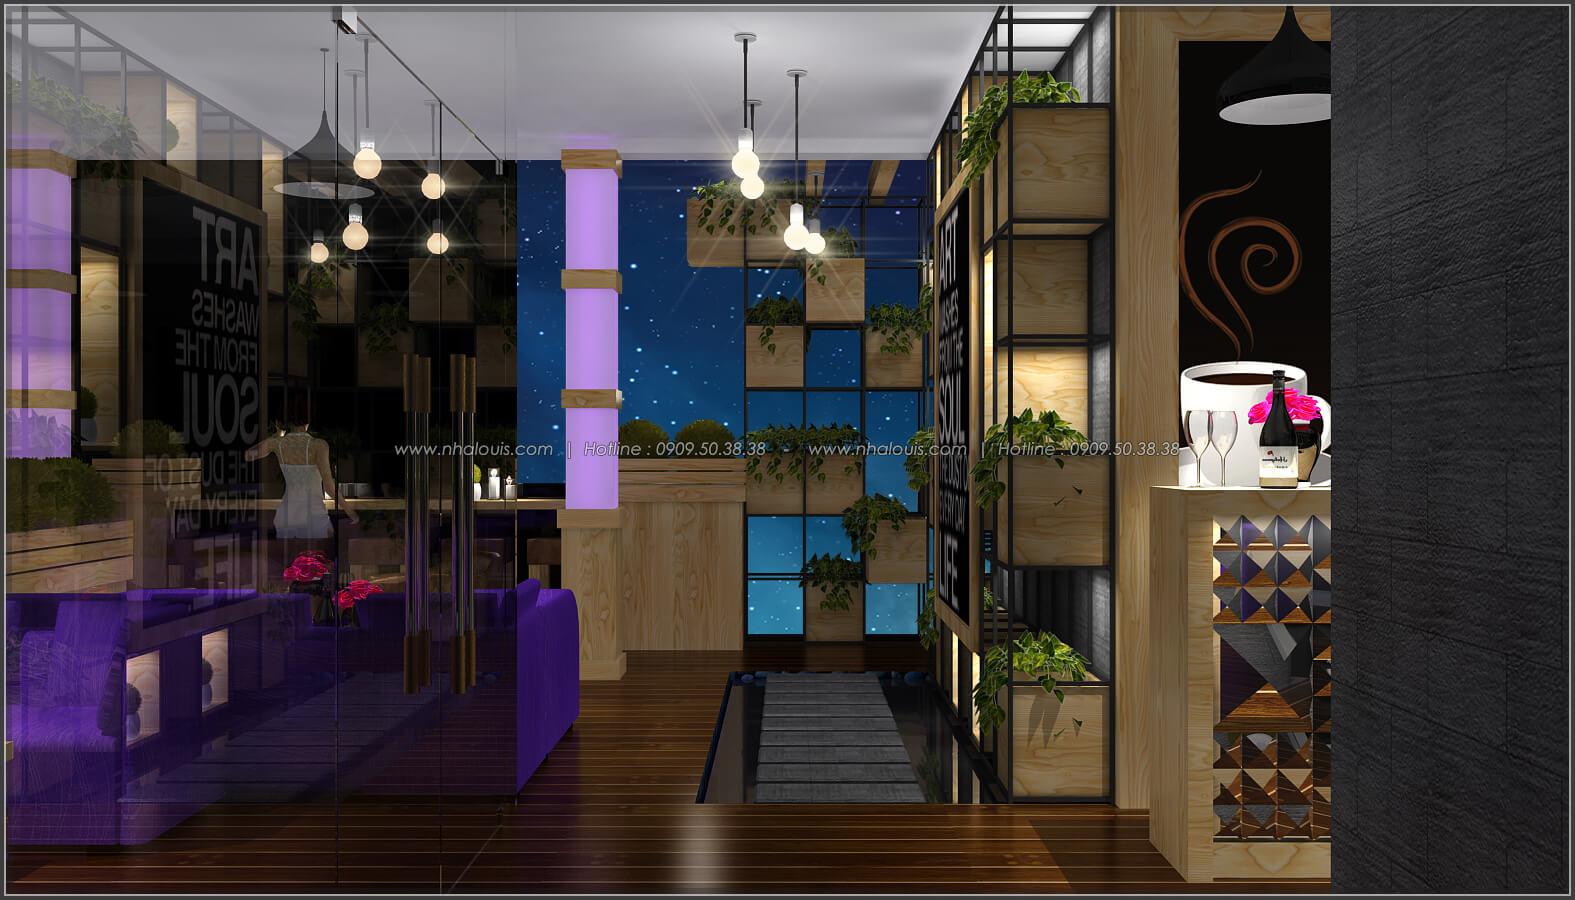 Nội thất thiết kế quán cafe đẹp không gian xanh sang trọng ở Bình Dương - 10